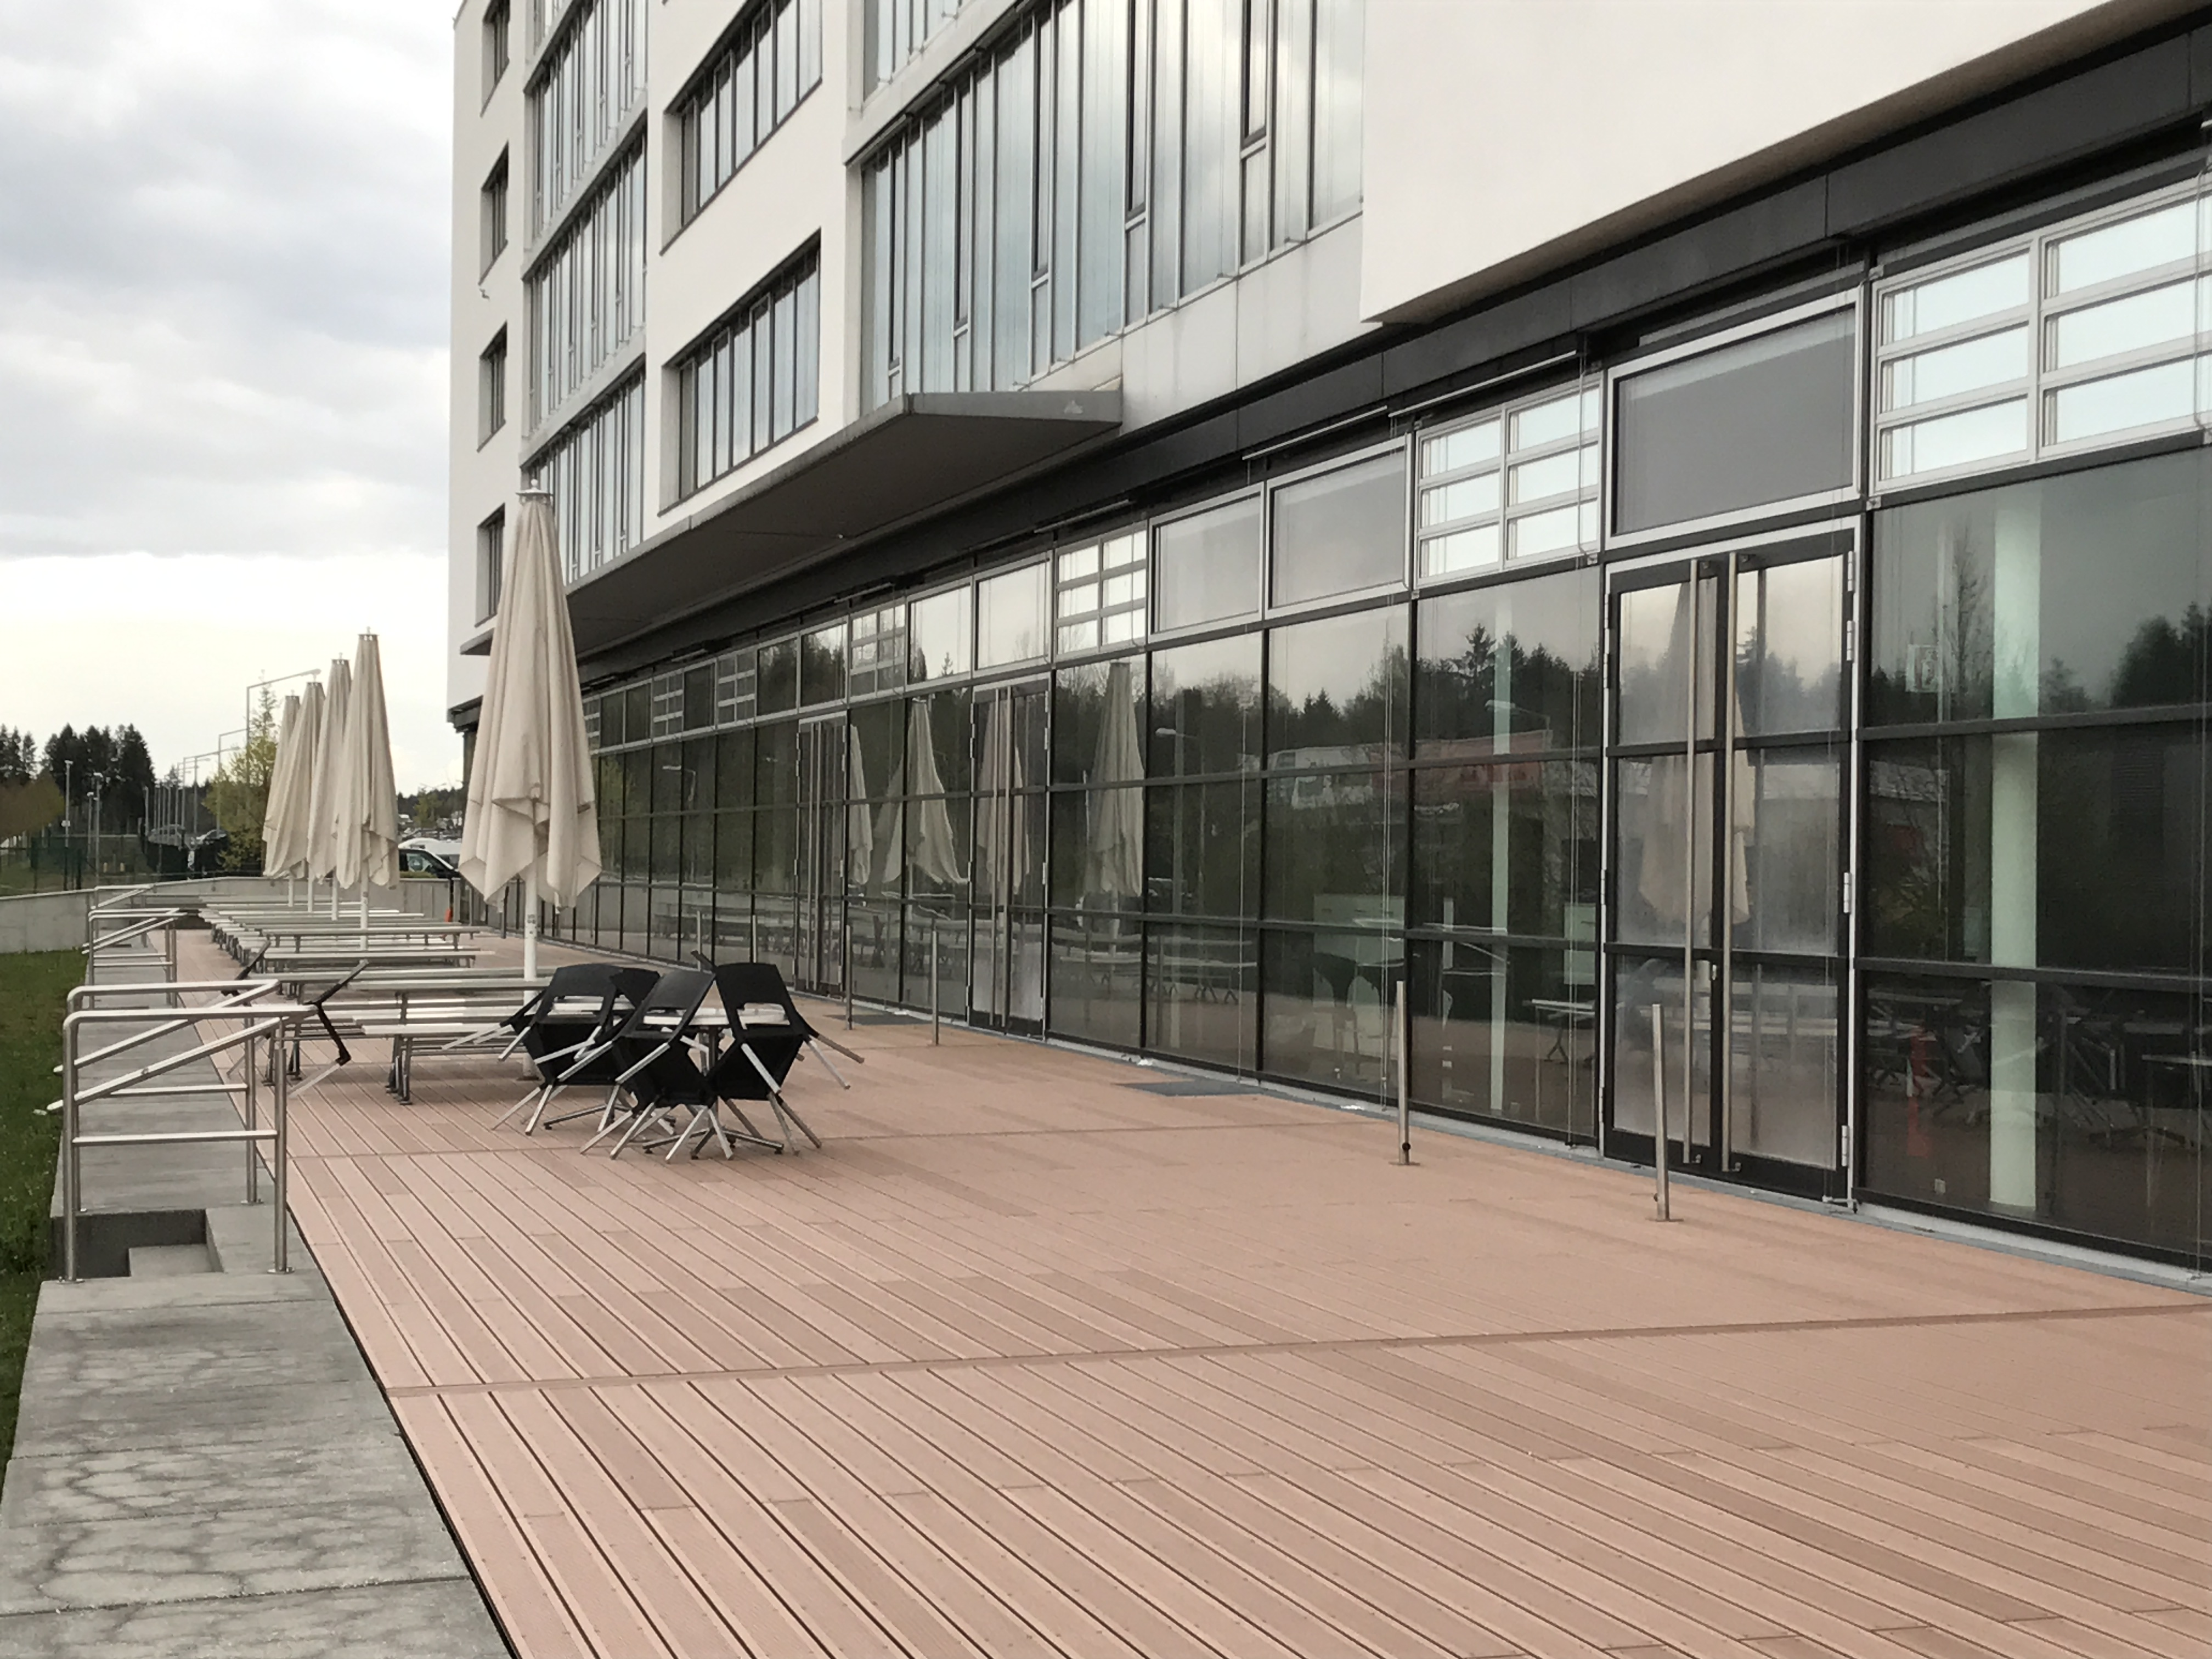 Terrasse Roche fertiggestellt - Zimmerei Lenk